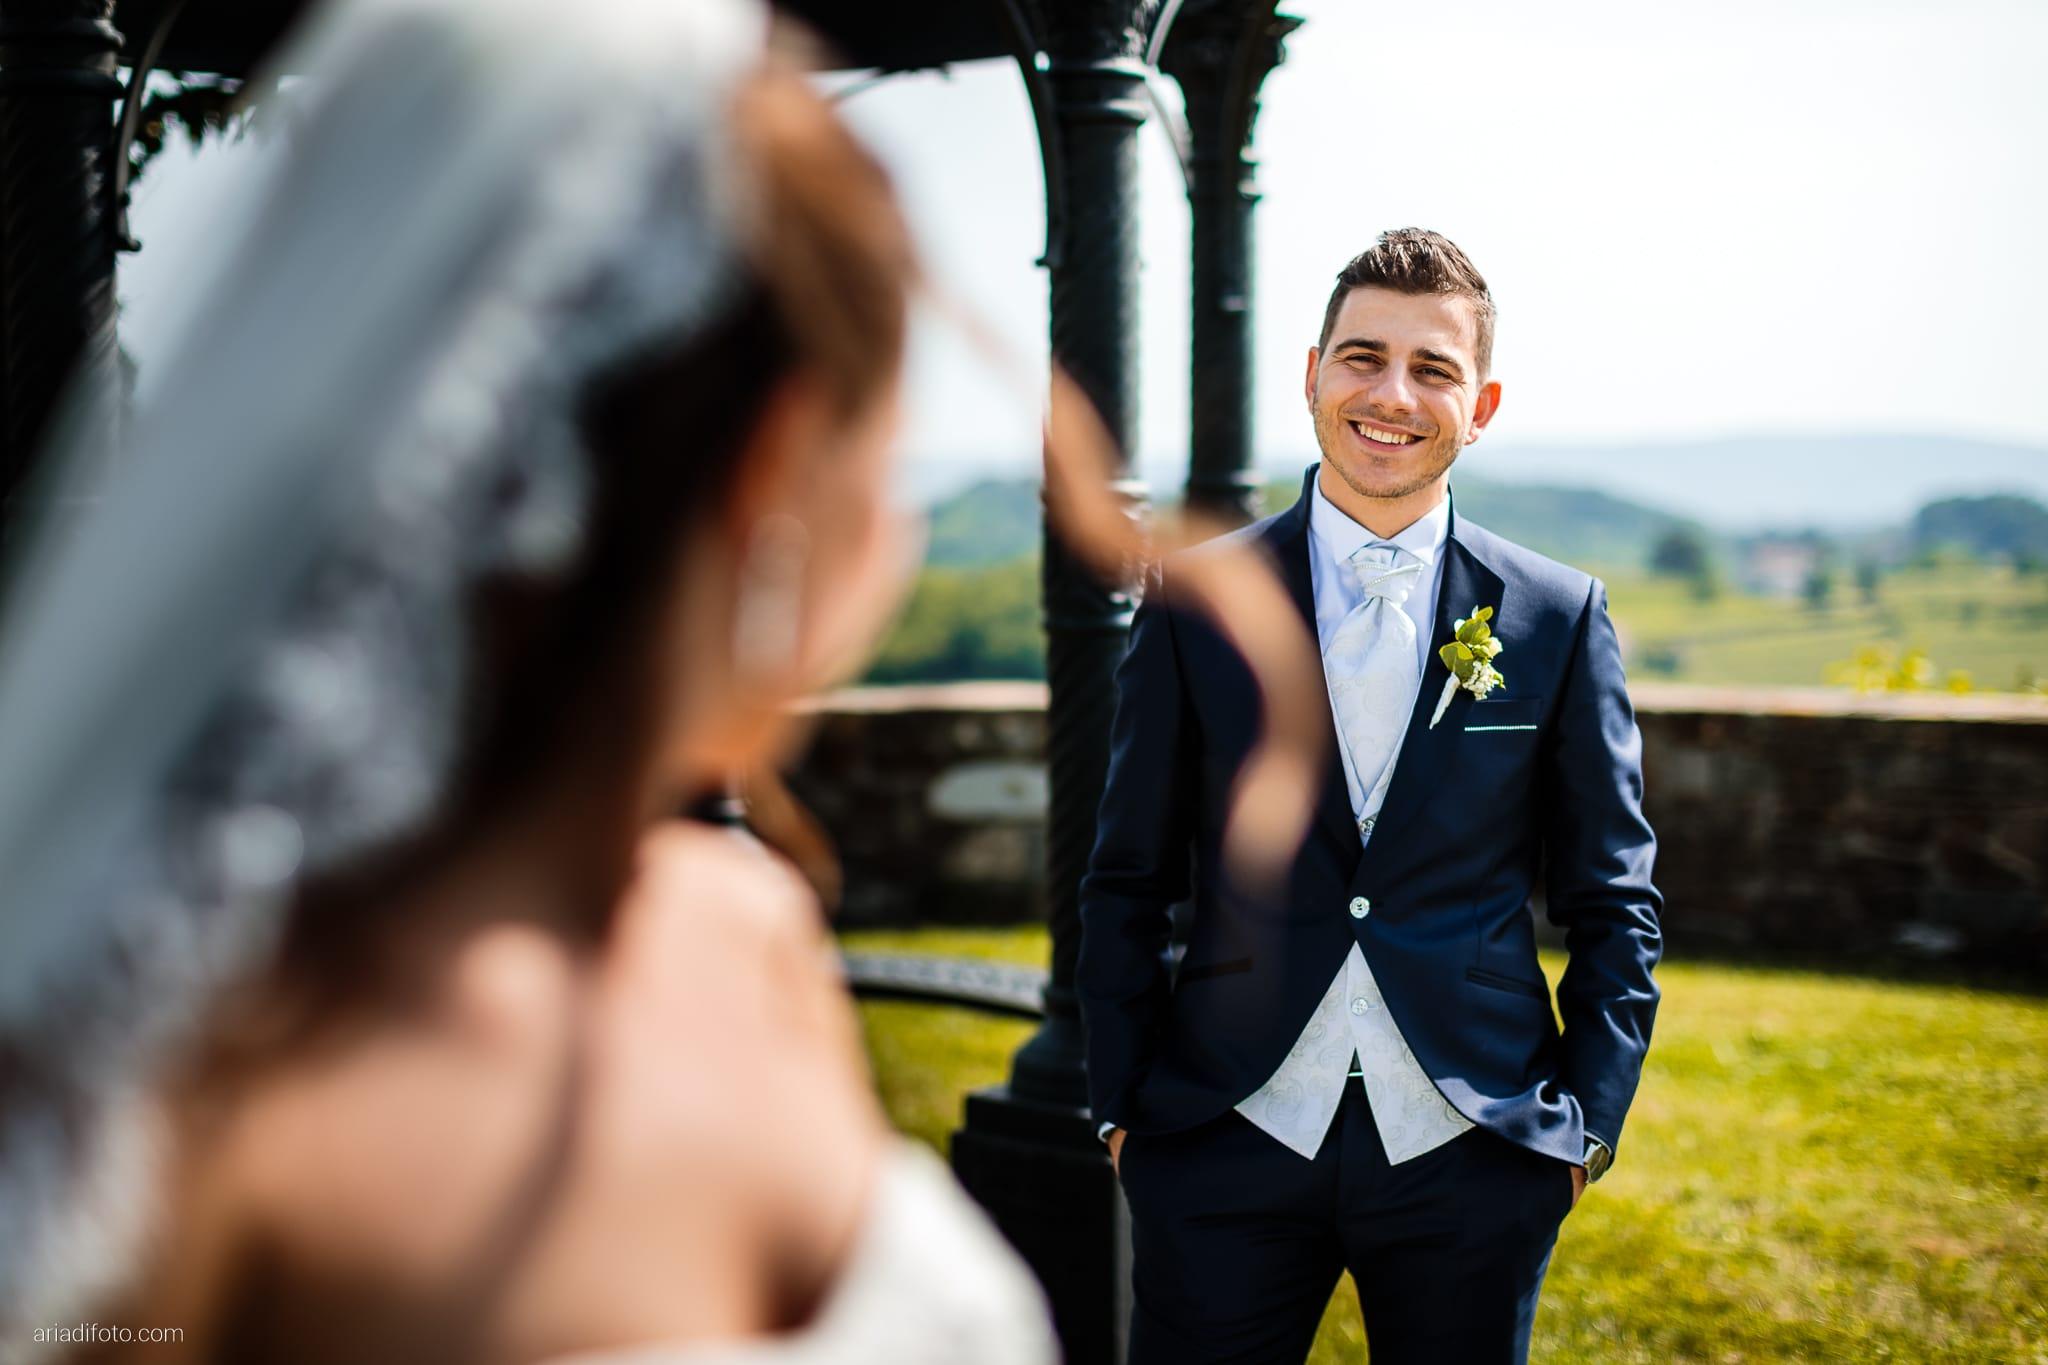 Giulia Alessandro Matrimonio Duino Trieste Baronesse Tacco San Floriano Del Collio Gorizia ritratti degli sposi